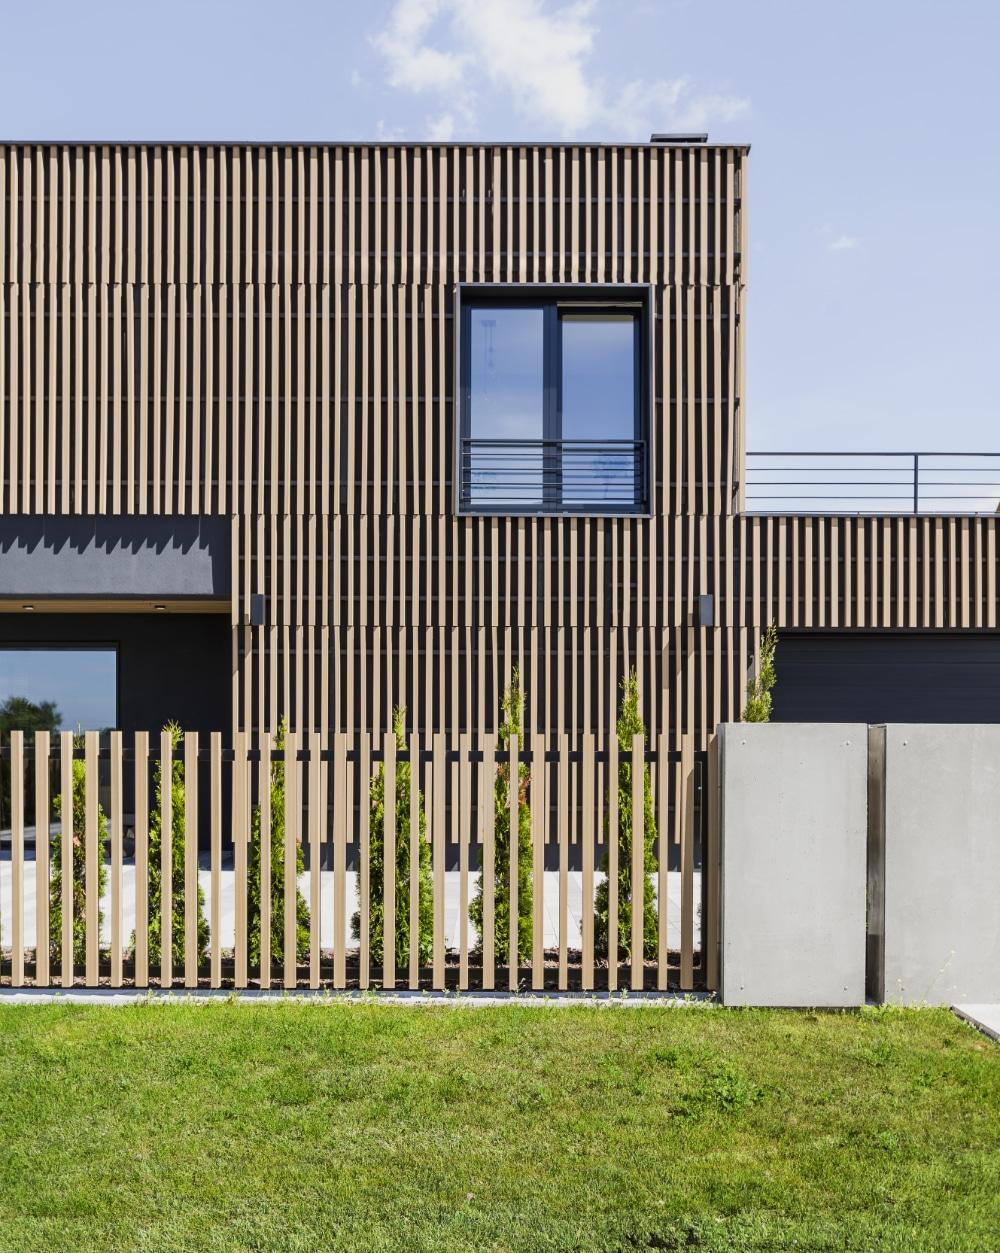 Elewacja drewniana domu nowoczesnego